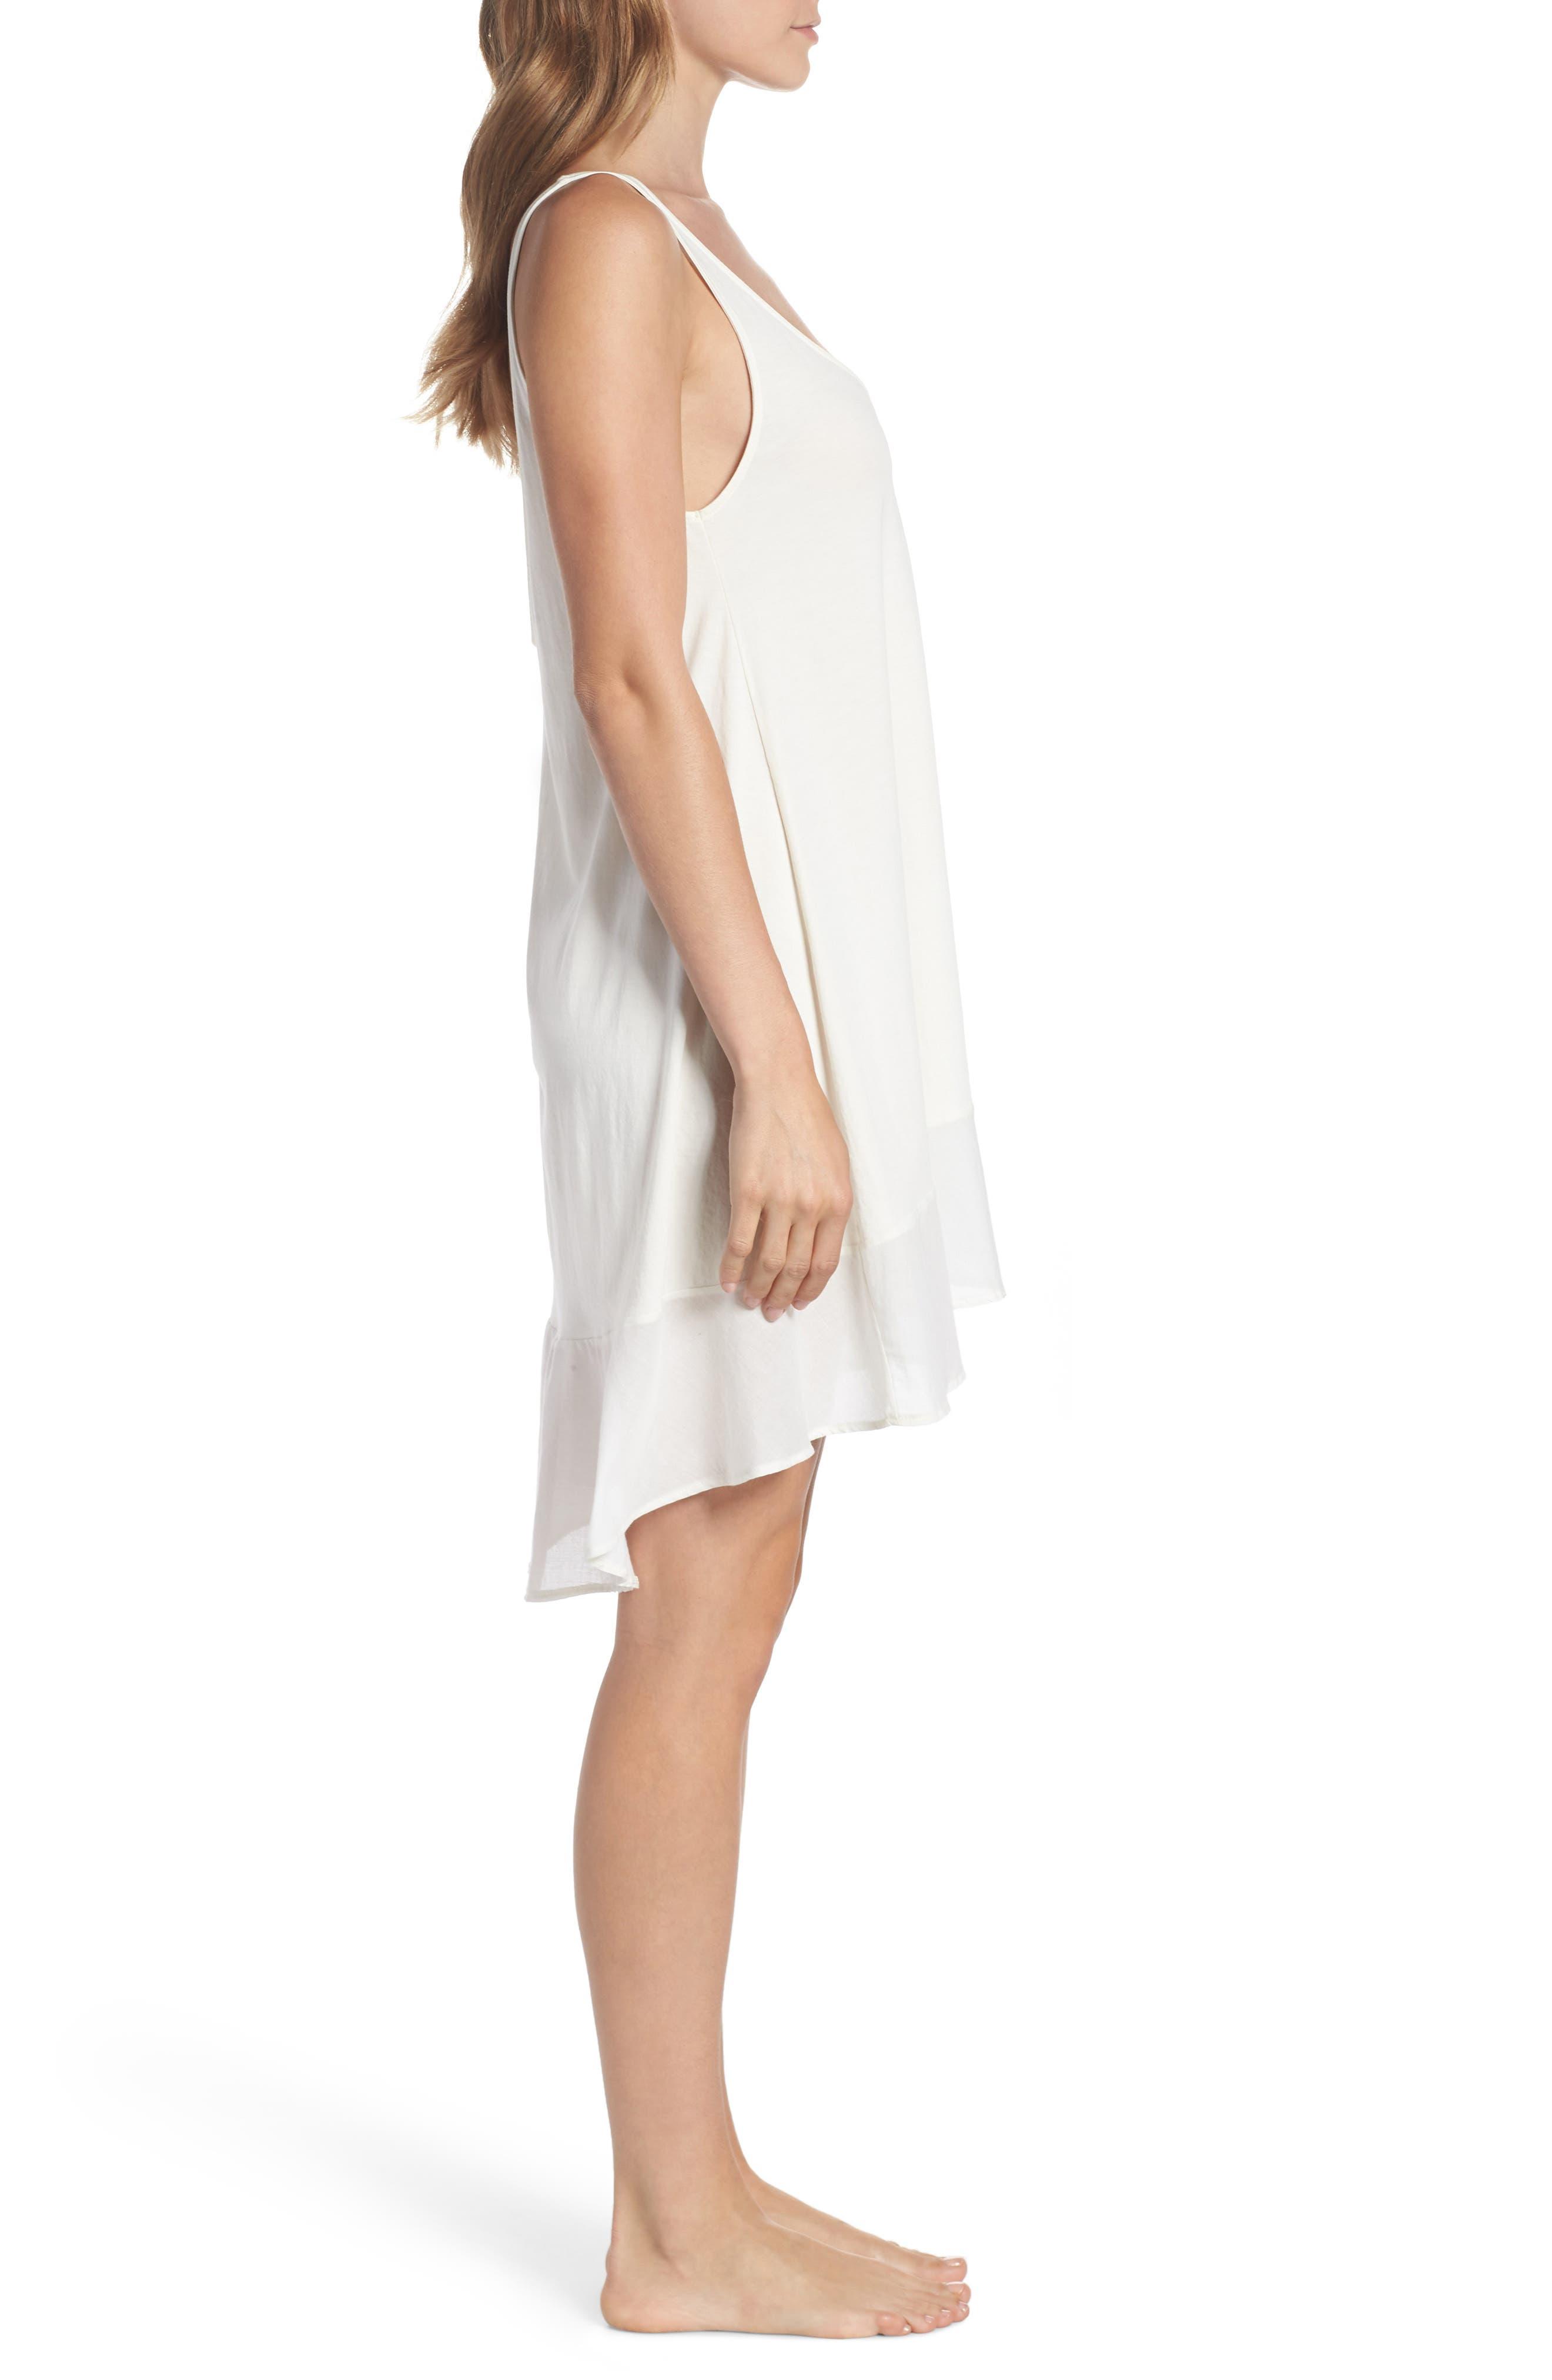 Bettina Pima Cotton Voile Nightgown,                             Alternate thumbnail 3, color,                             Gardenia